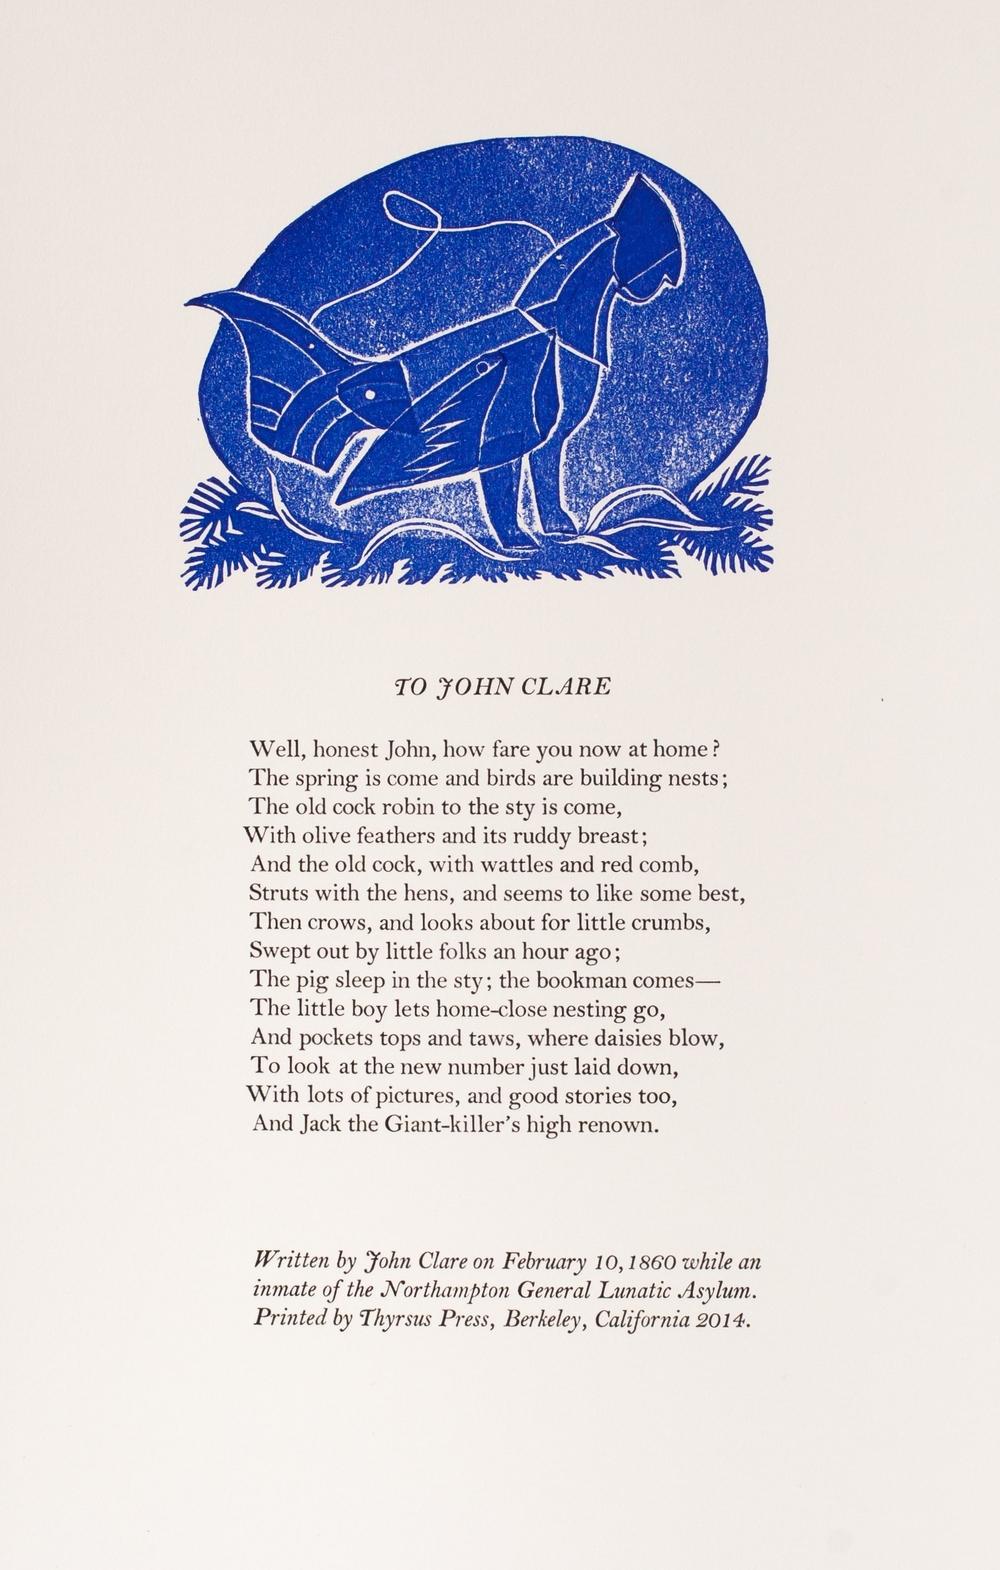 John Clare, To John Clare, 2014